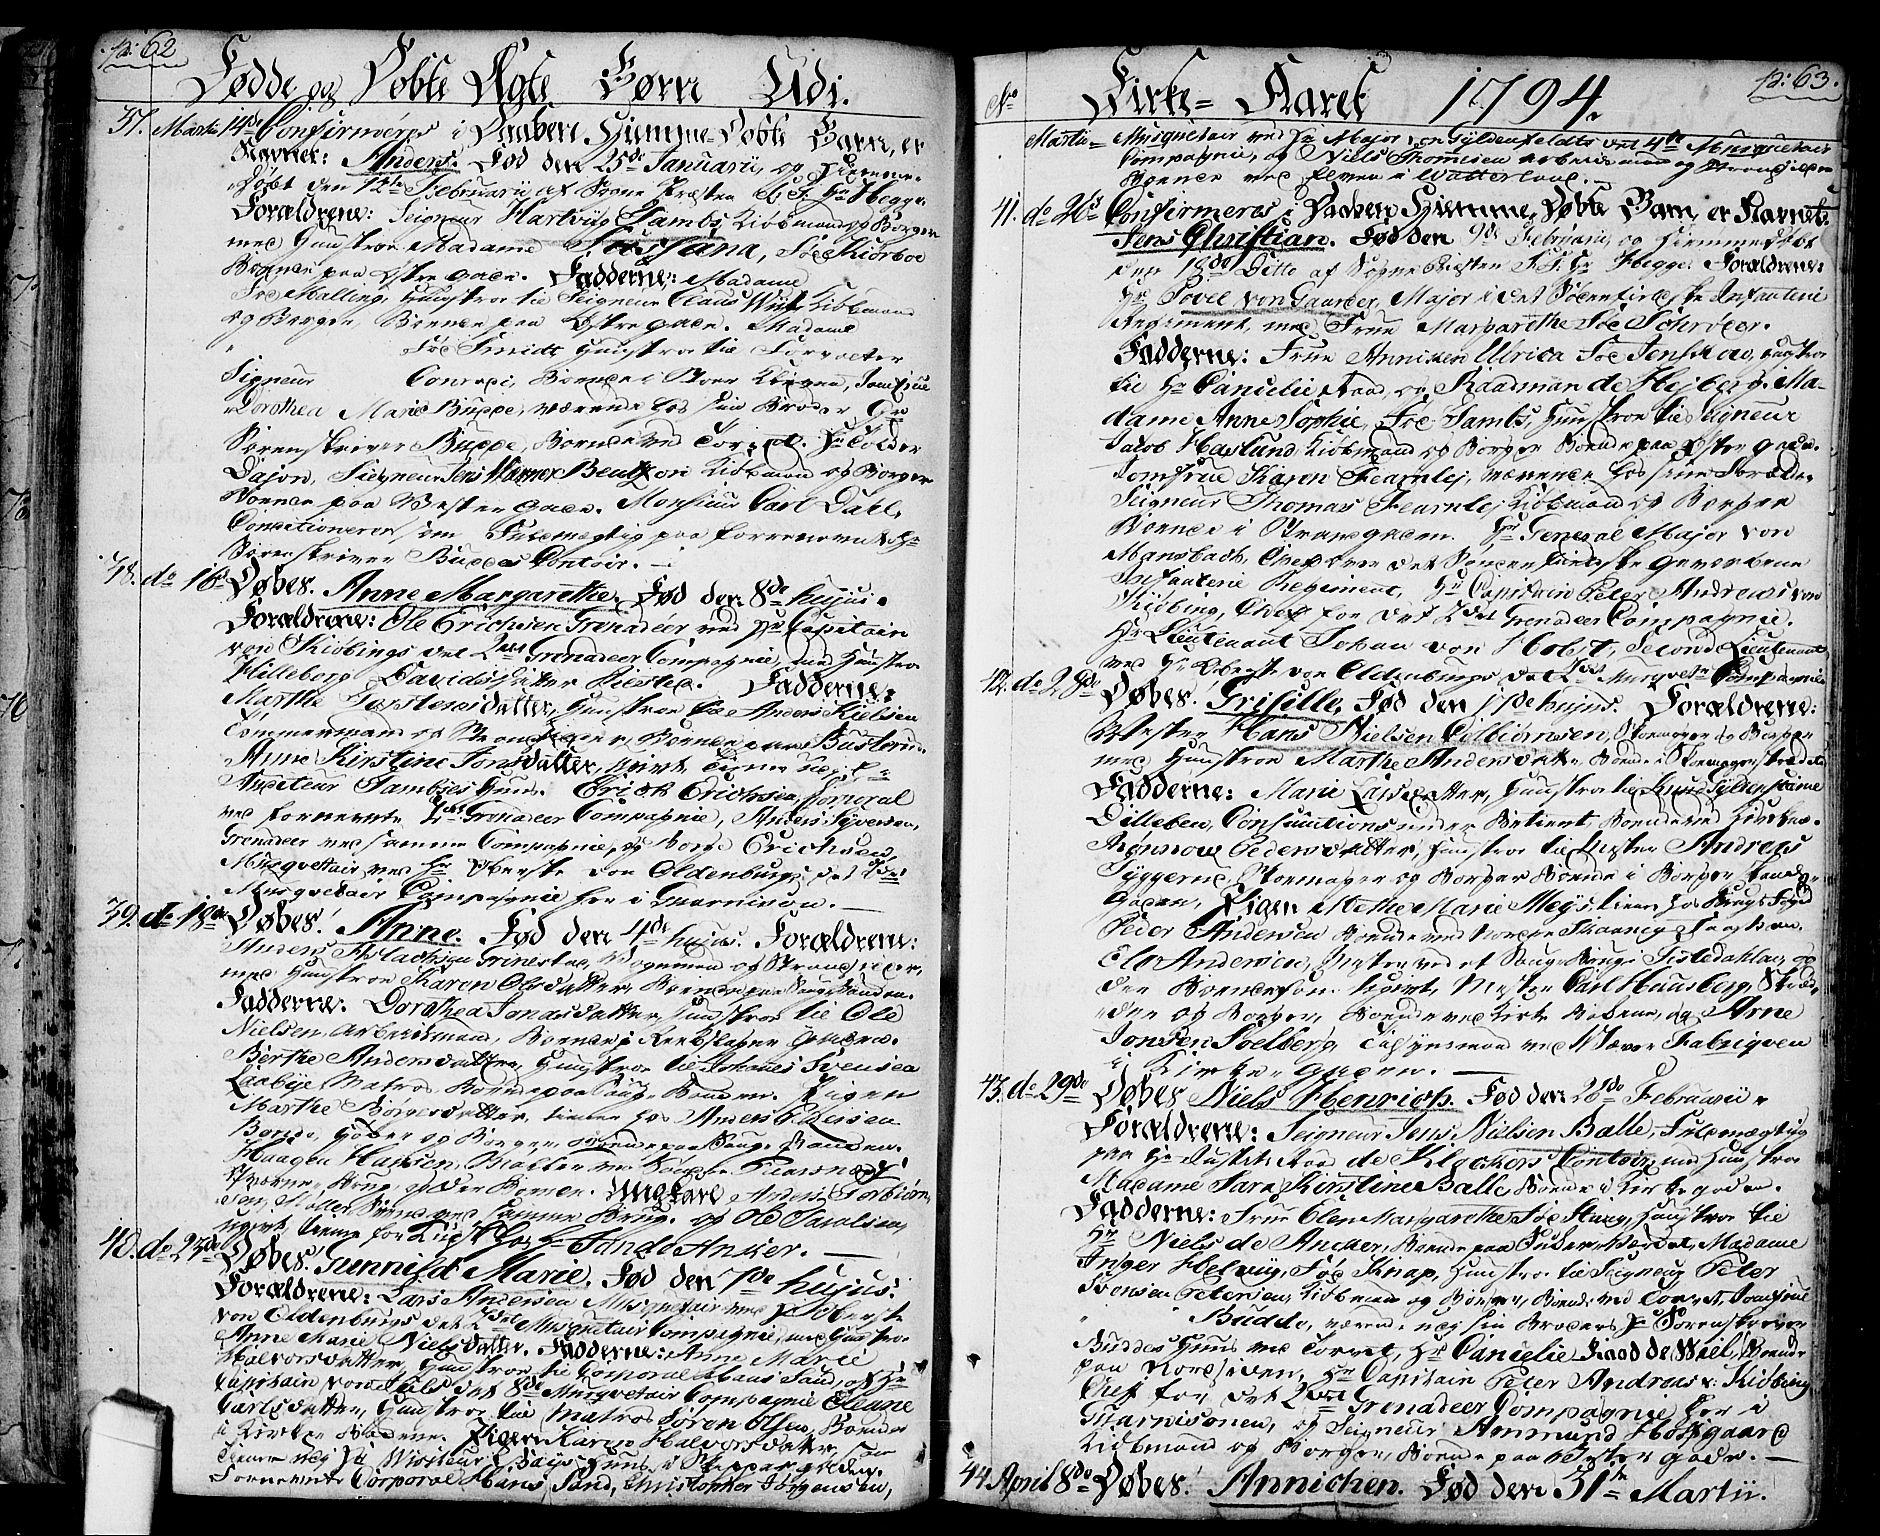 SAO, Halden prestekontor Kirkebøker, F/Fa/L0002: Ministerialbok nr. I 2, 1792-1812, s. 62-63